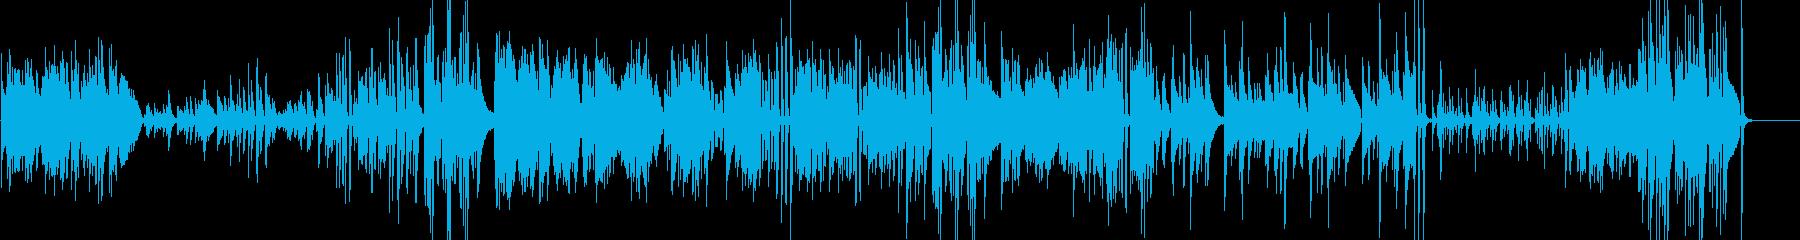 エンディングに合うピアノソロの再生済みの波形